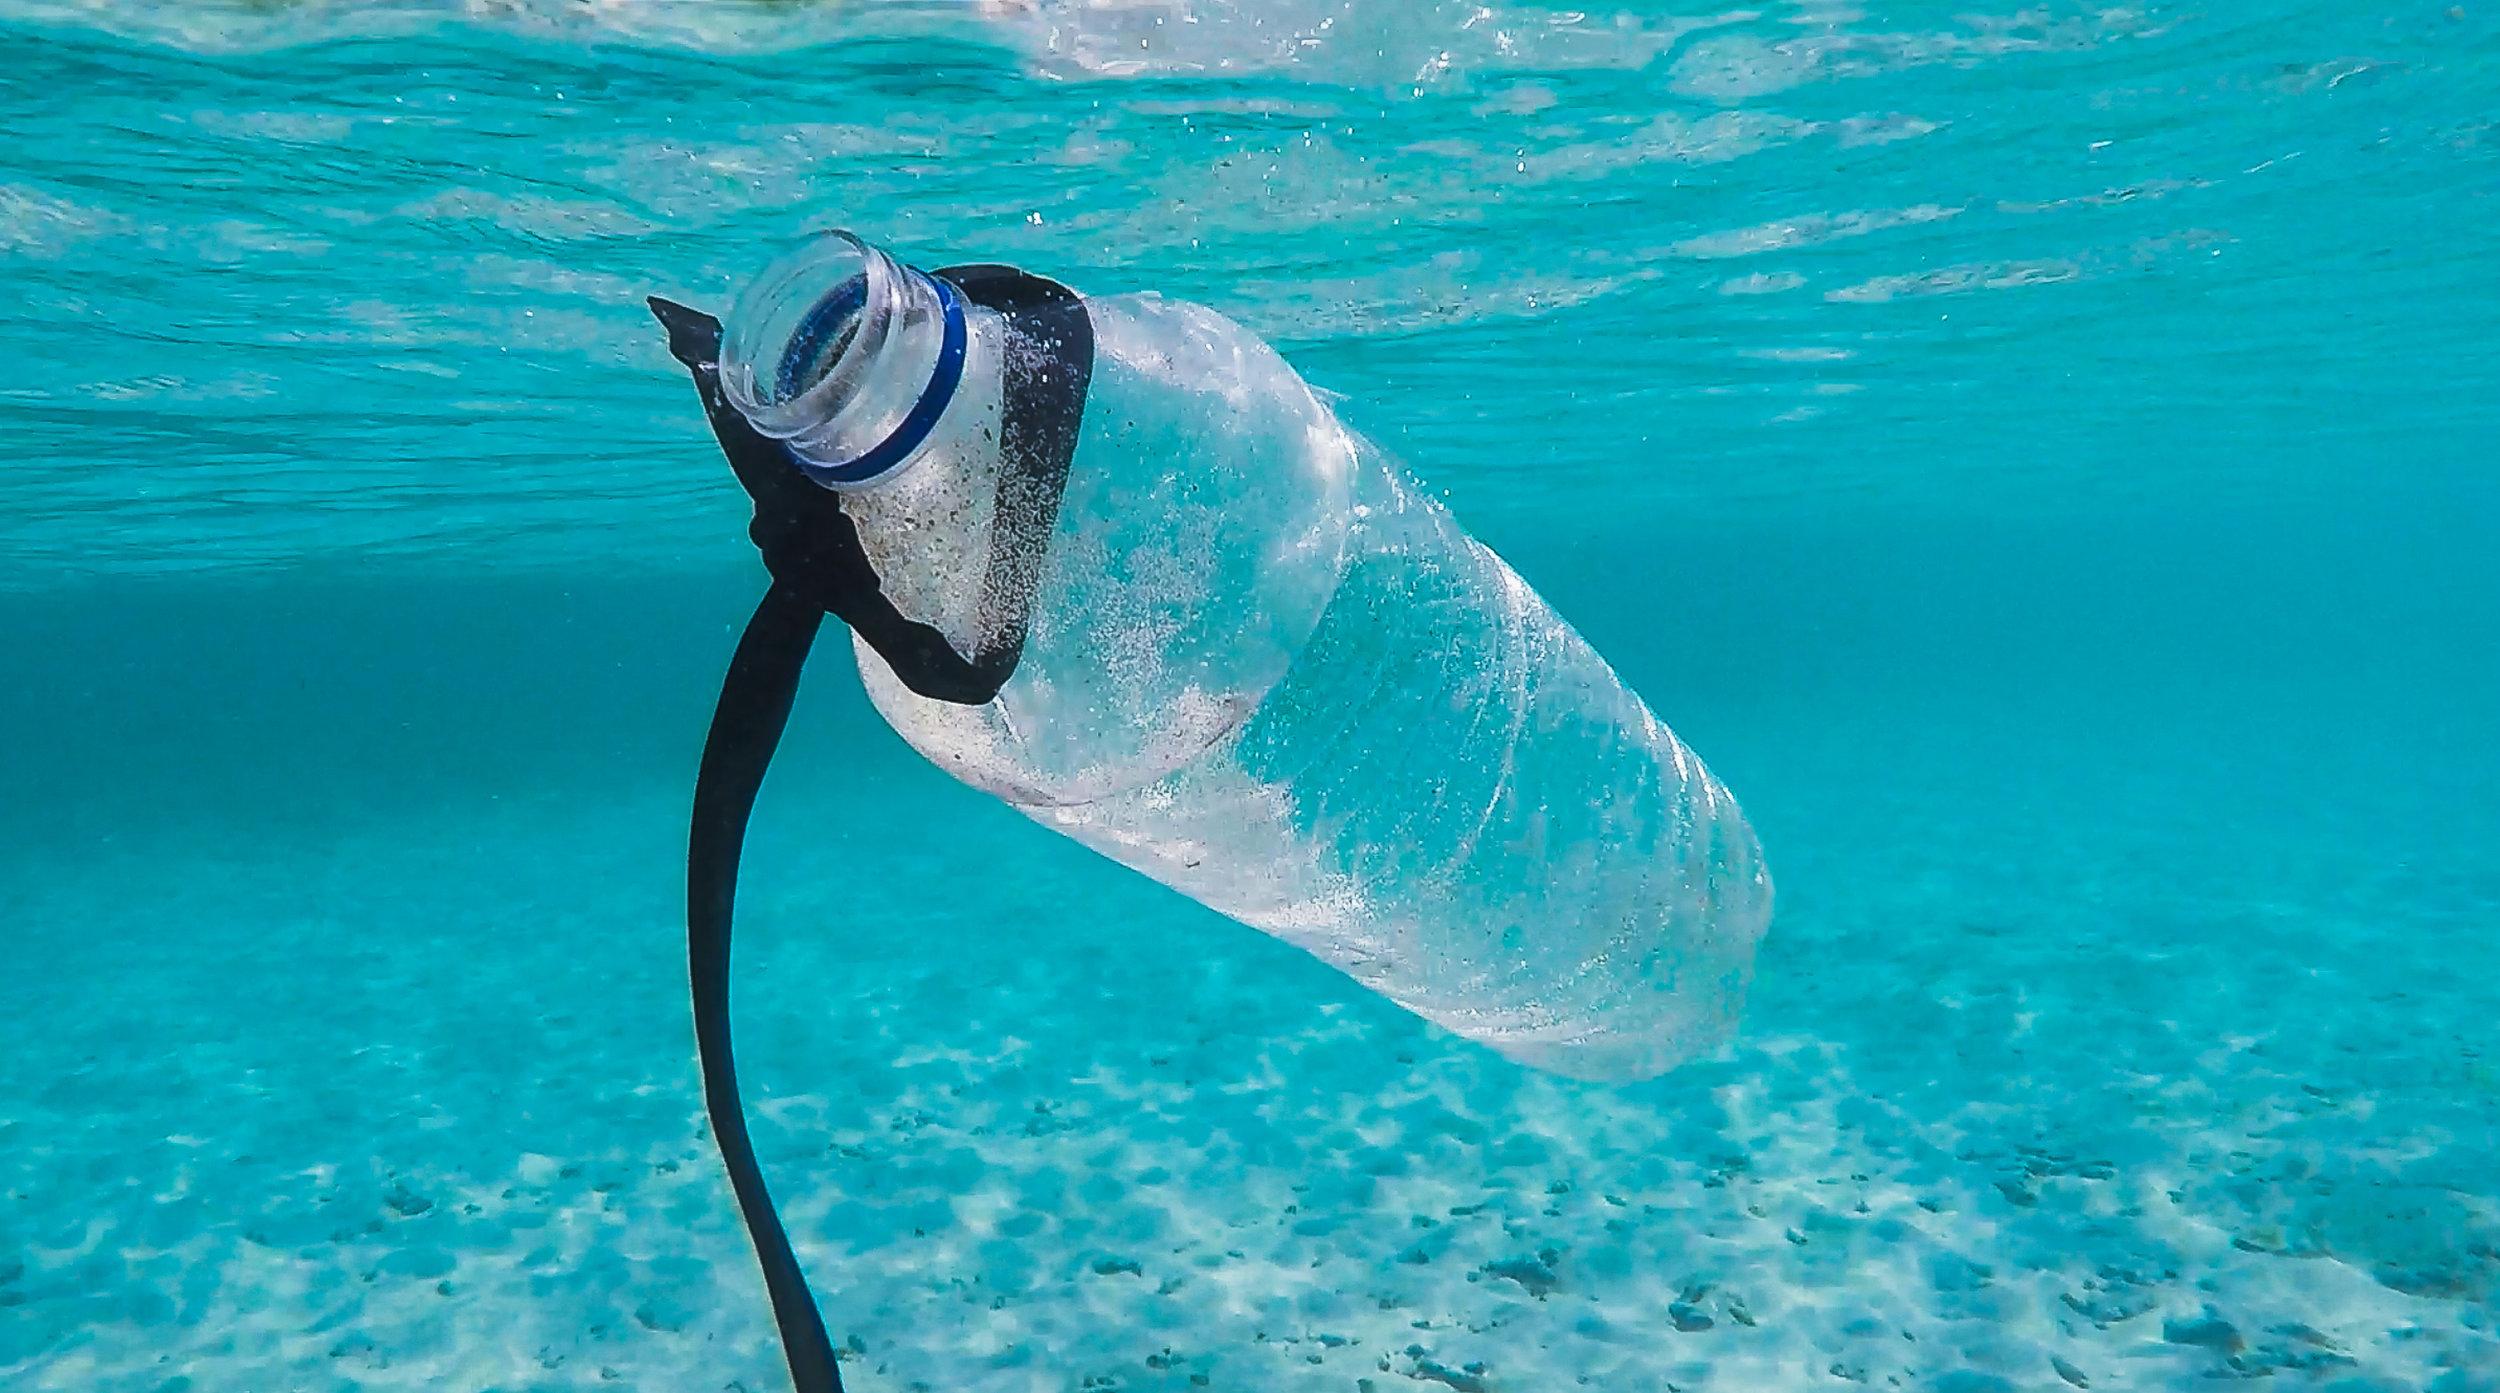 Du hilfst! - Pro Jahr gelangen etwa 8 Millionen Tonnen Plastik in die Ozeane…